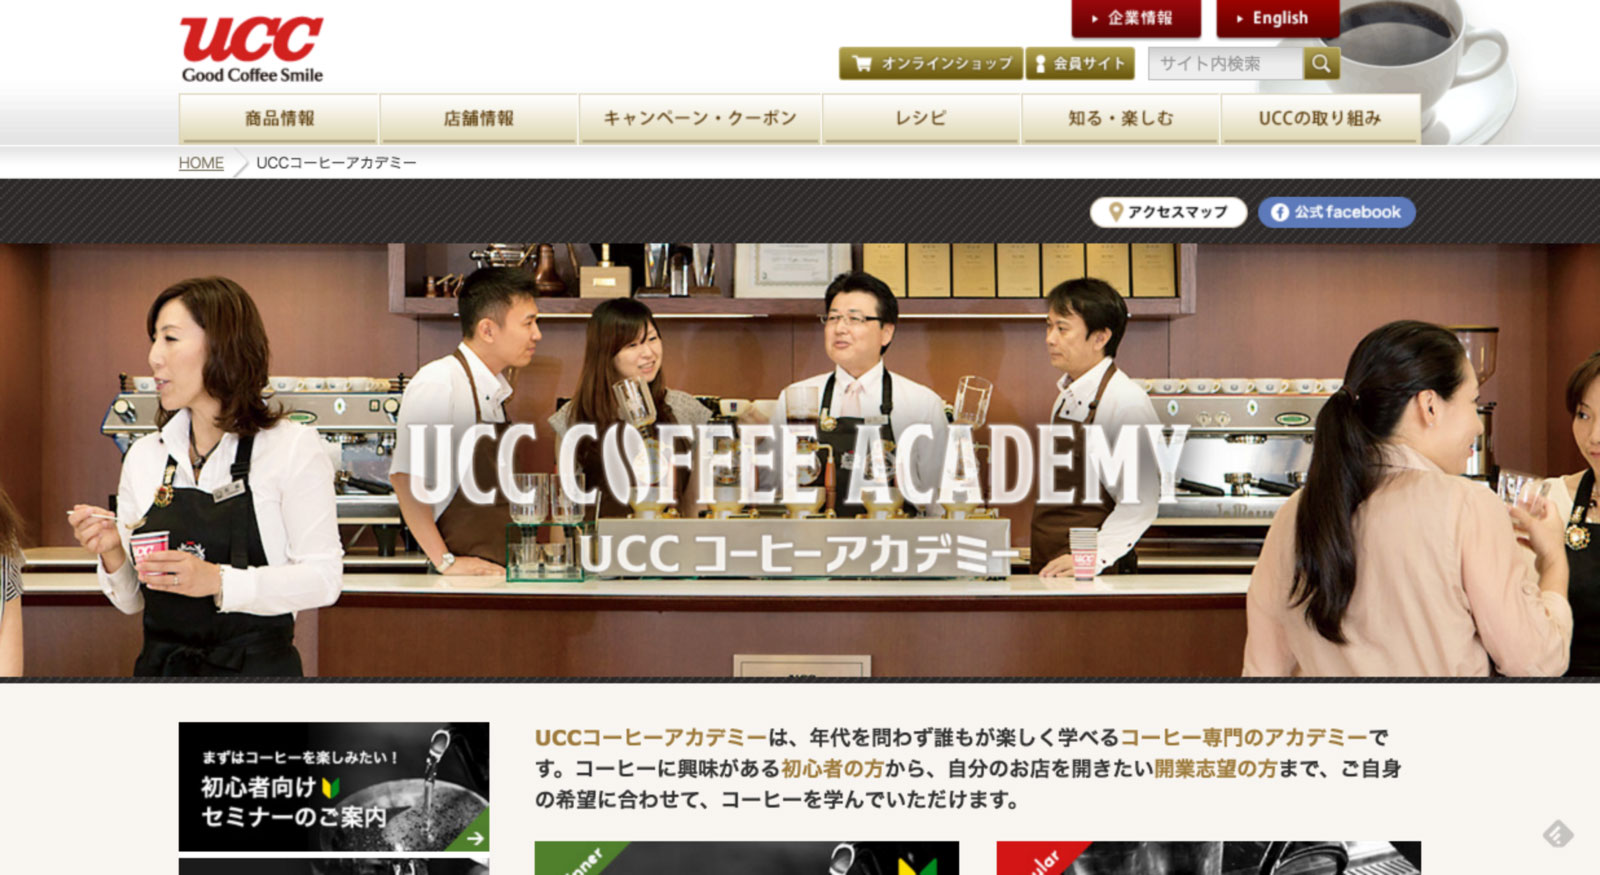 コーヒースクール